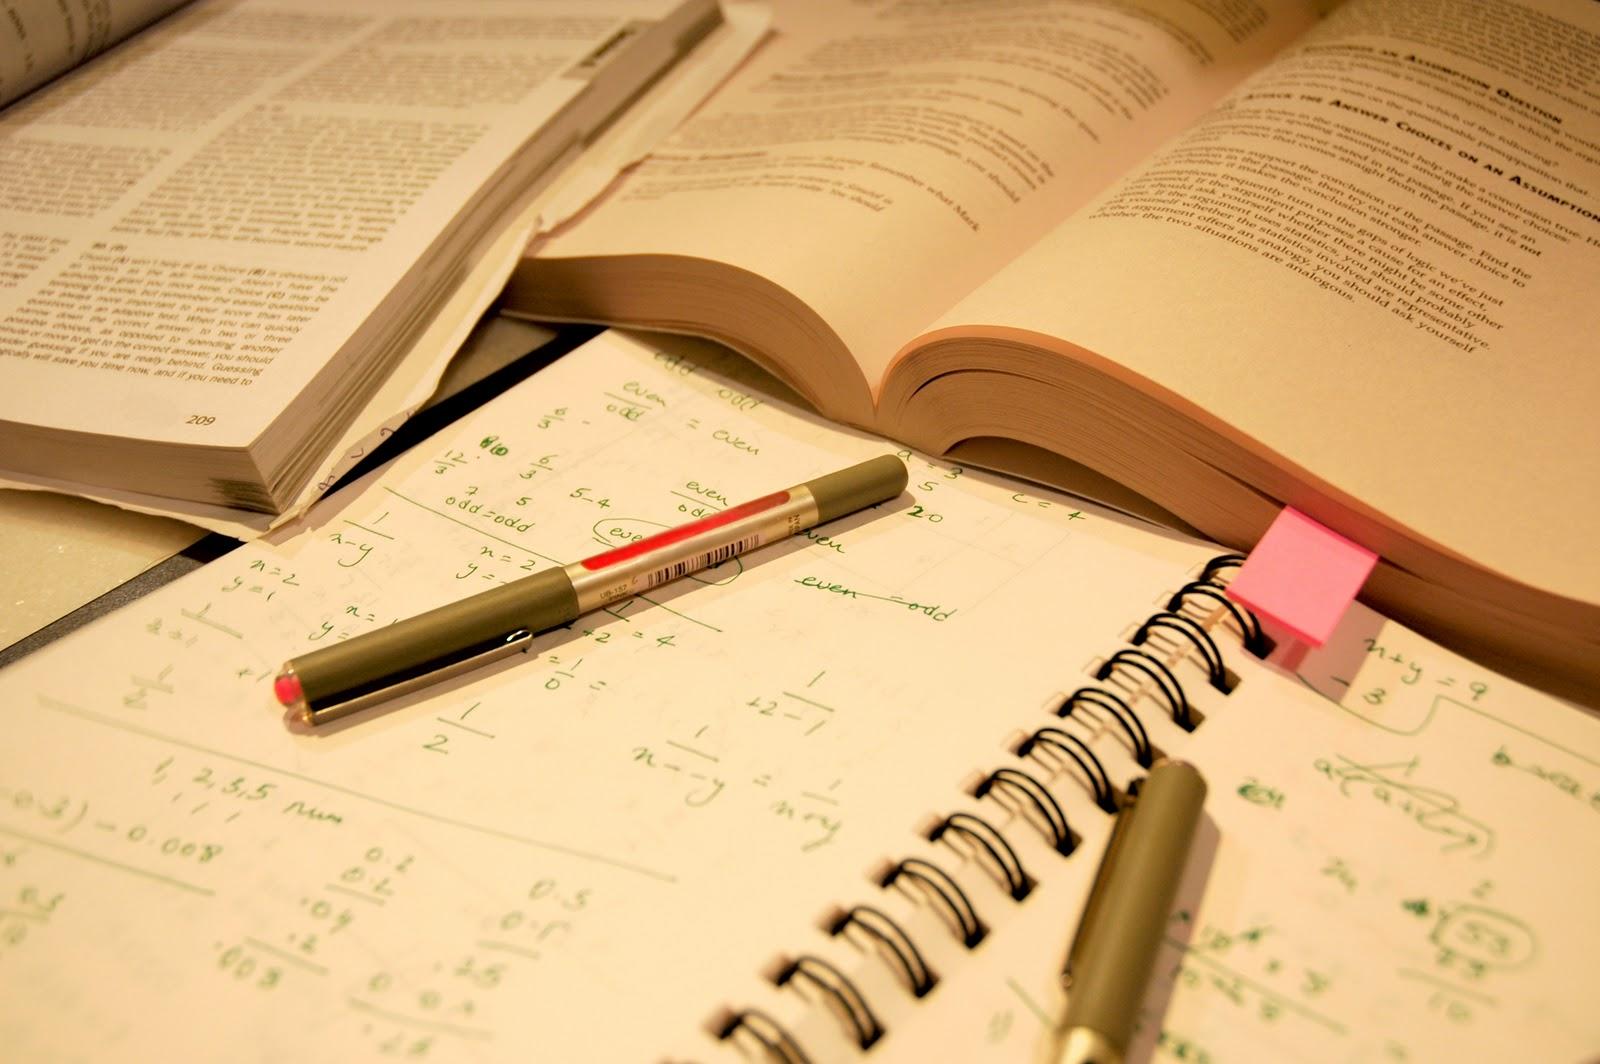 صور صور عن الدراسة , اجمل الصور عن المذاكرة والدراسة